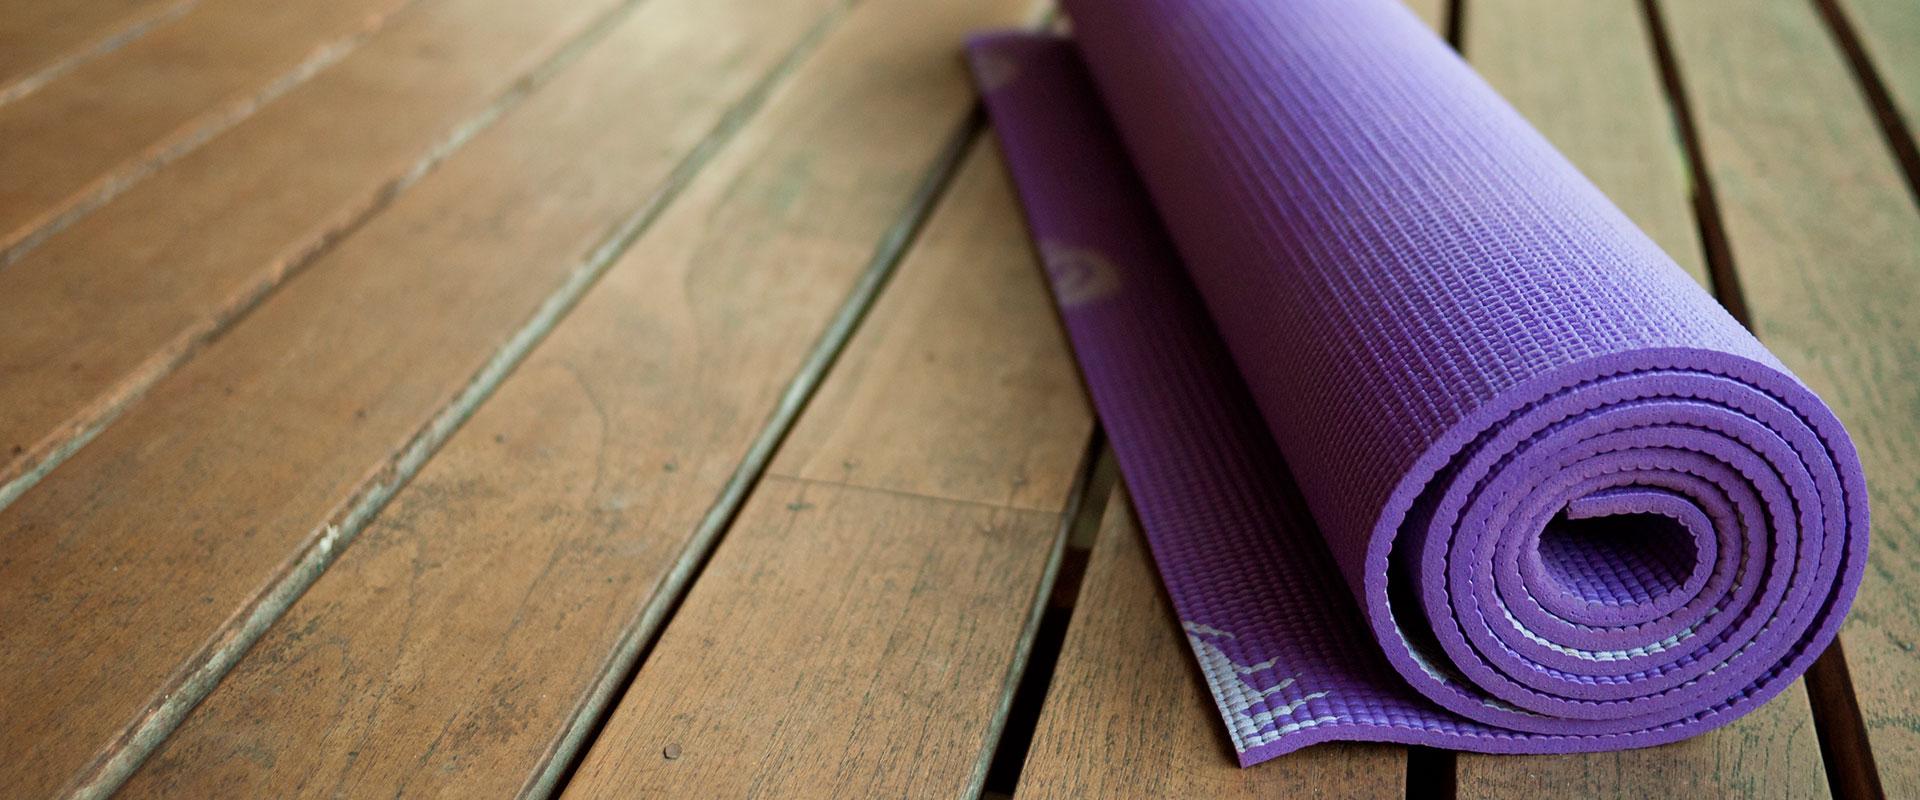 Tapete de yoga para la cintura, enrollado en el piso.